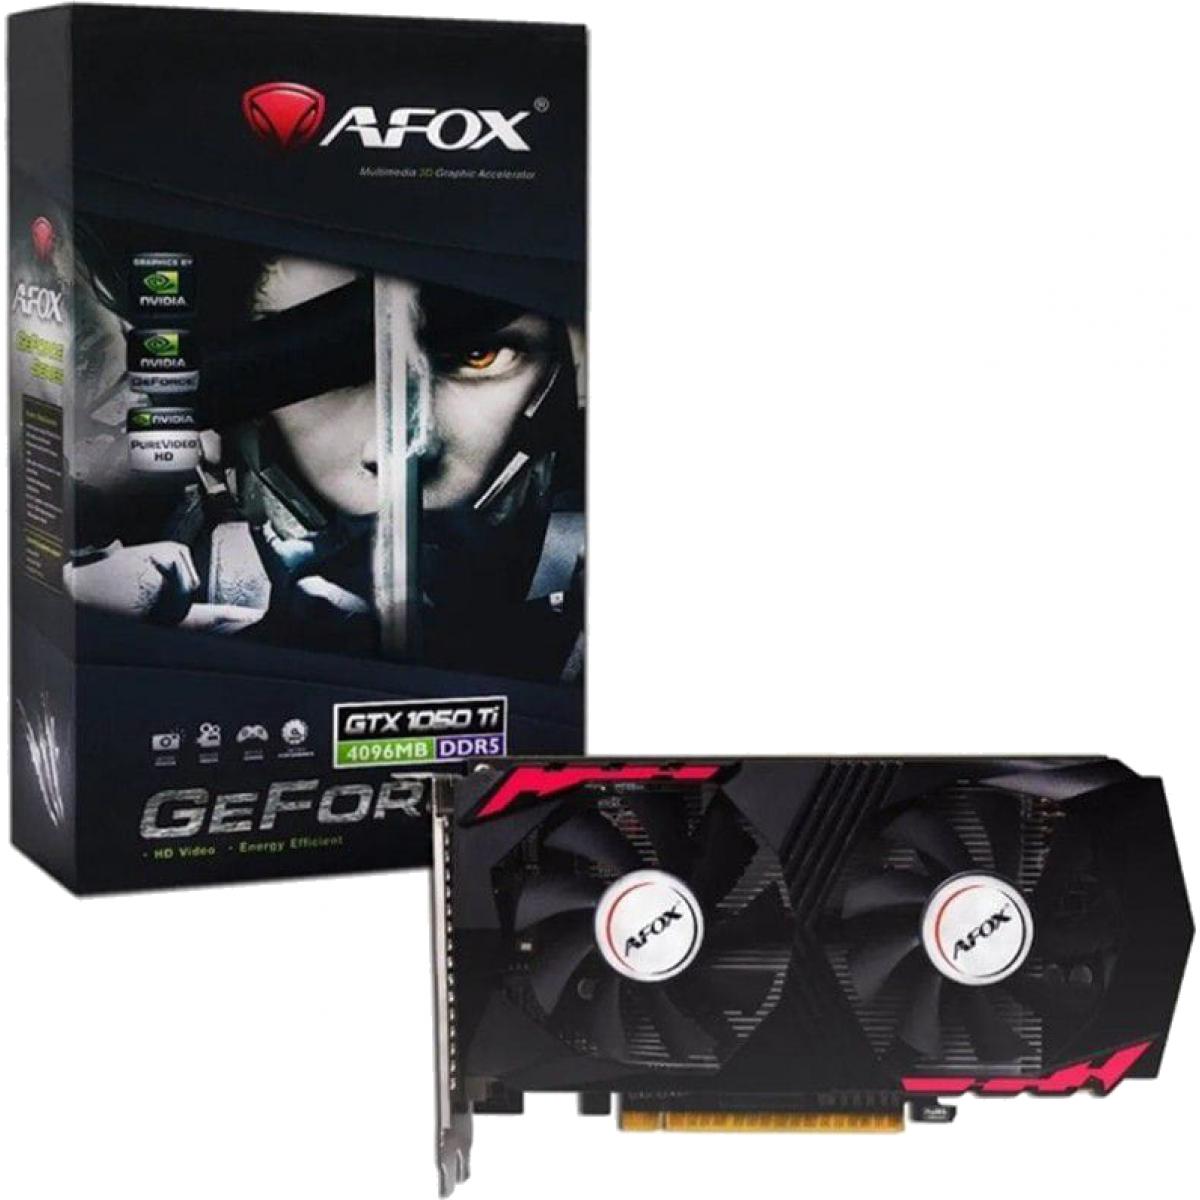 Placa de Vídeo Afox, GeForce, GTX 1050 Ti, 4GB GDDR5, 128Bit, AF1050TI-4096D5H2